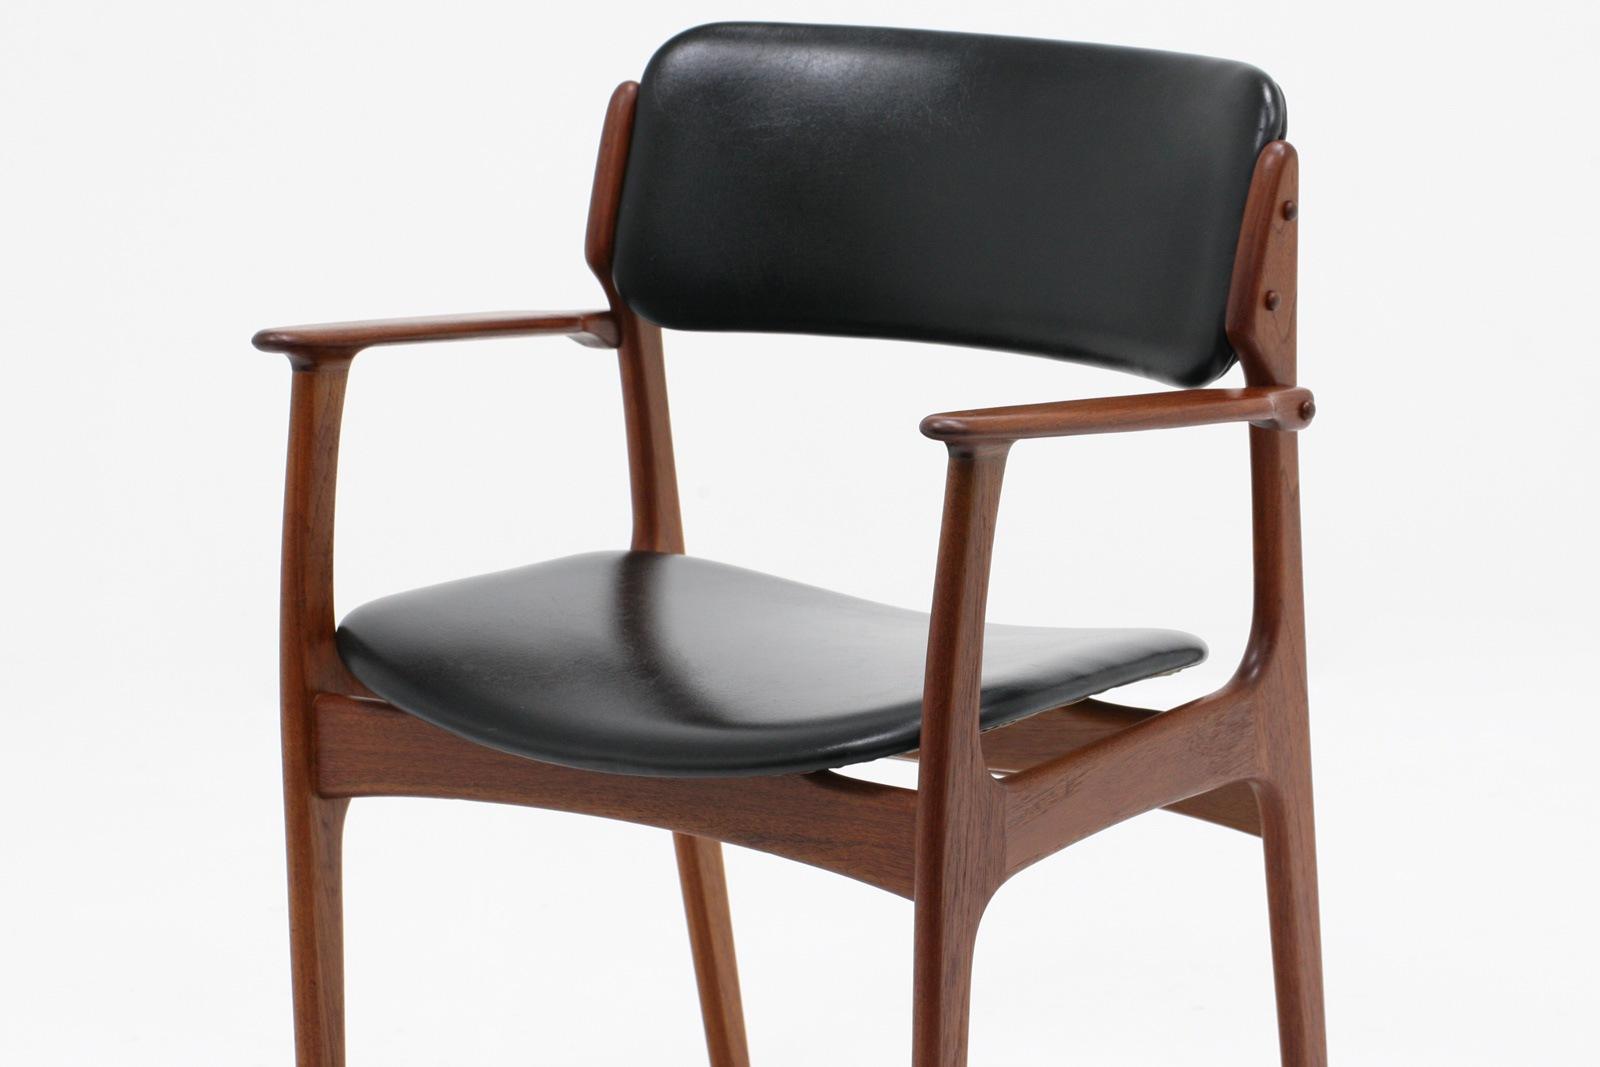 北欧,アームチェア,エリックバック,ヴィンテージ,椅子